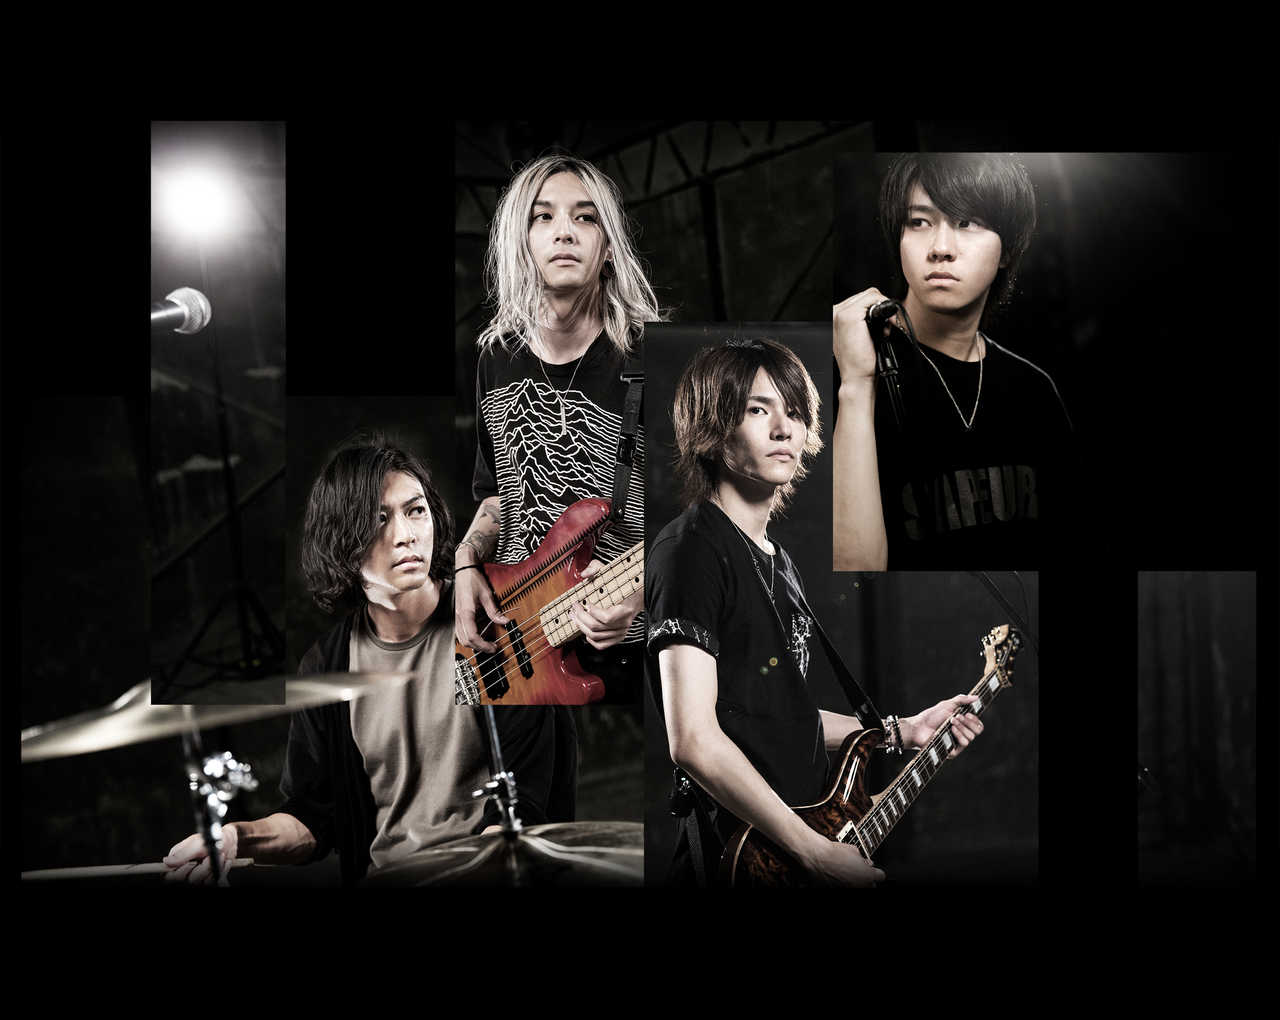 L→R 川村篤史(Dr&Cho)、安井剛志(Ba&Cho)、森丘直樹(Gu&Cho)、木村涼介(Vo)